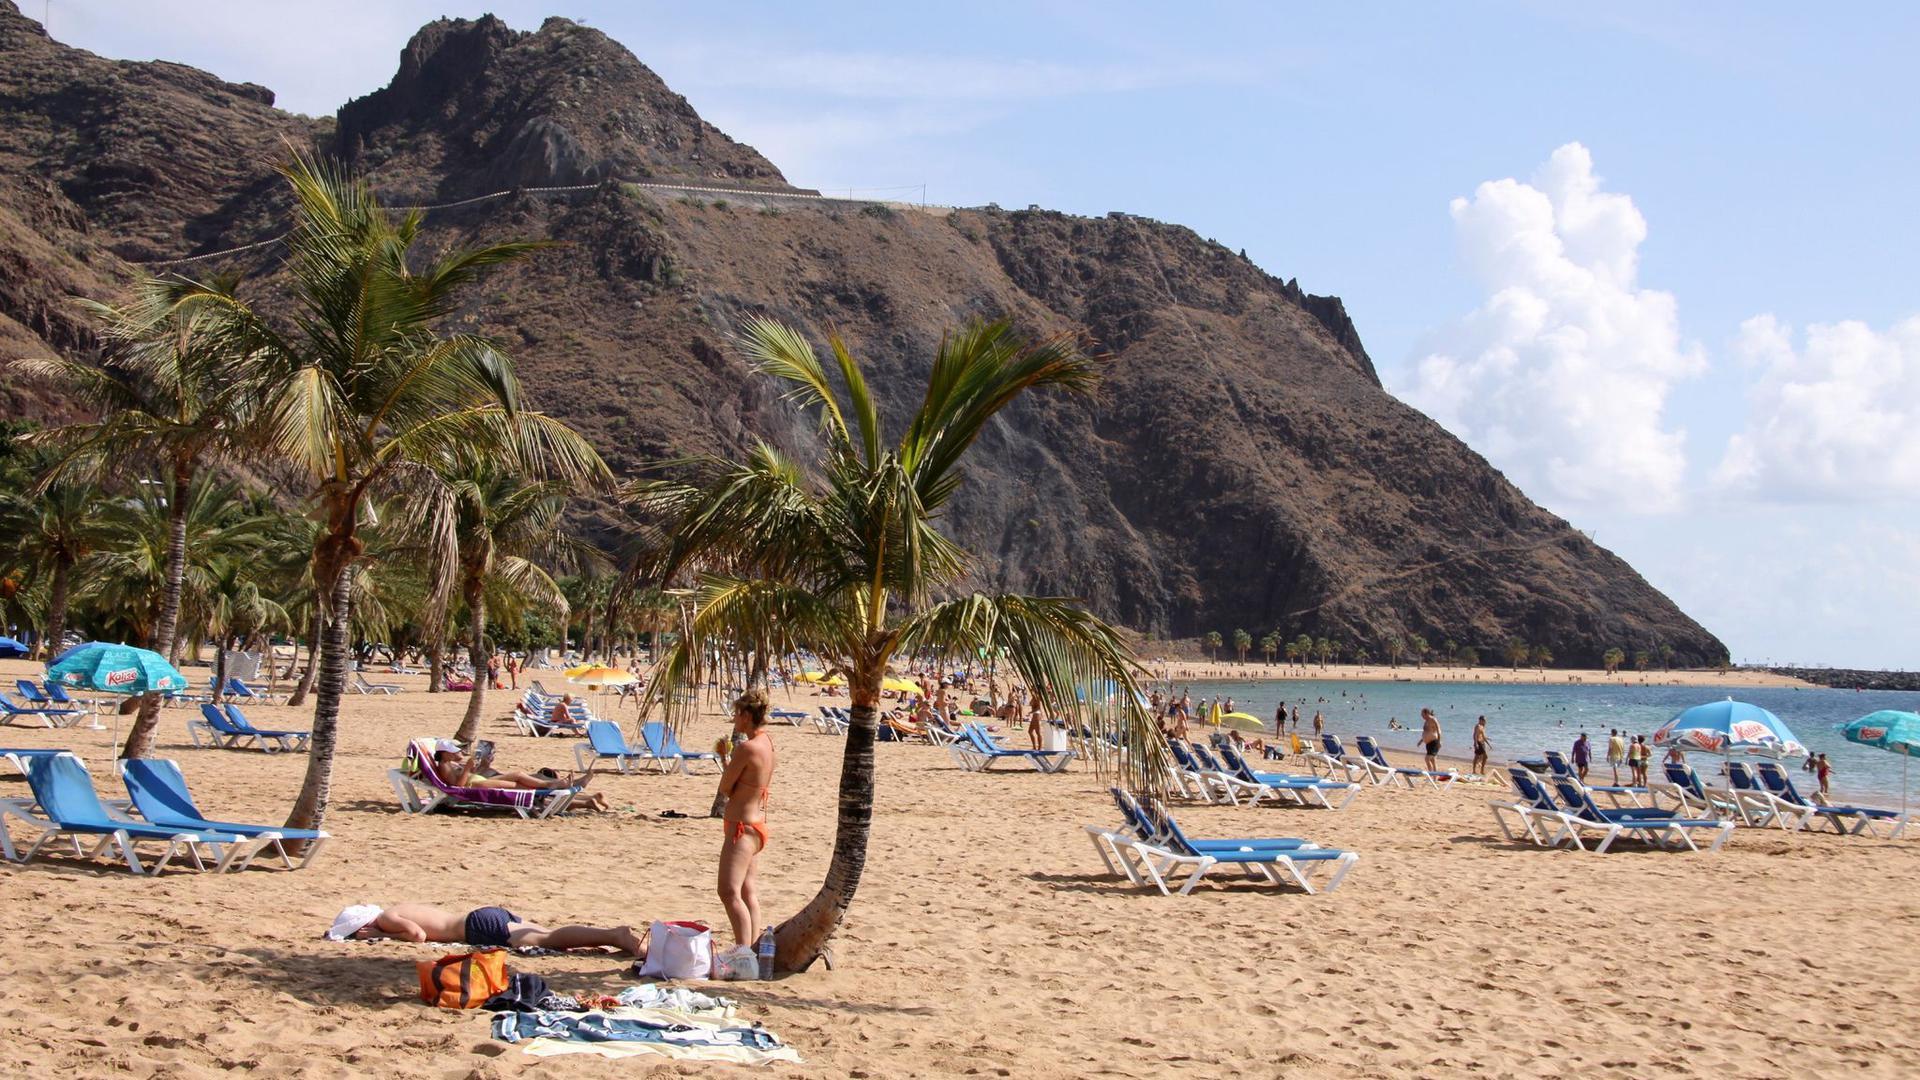 Kann man mit einer Impfung wieder frei reisen? Zum Beispiel an den Playa de las Teresitas auf Teneriffa?